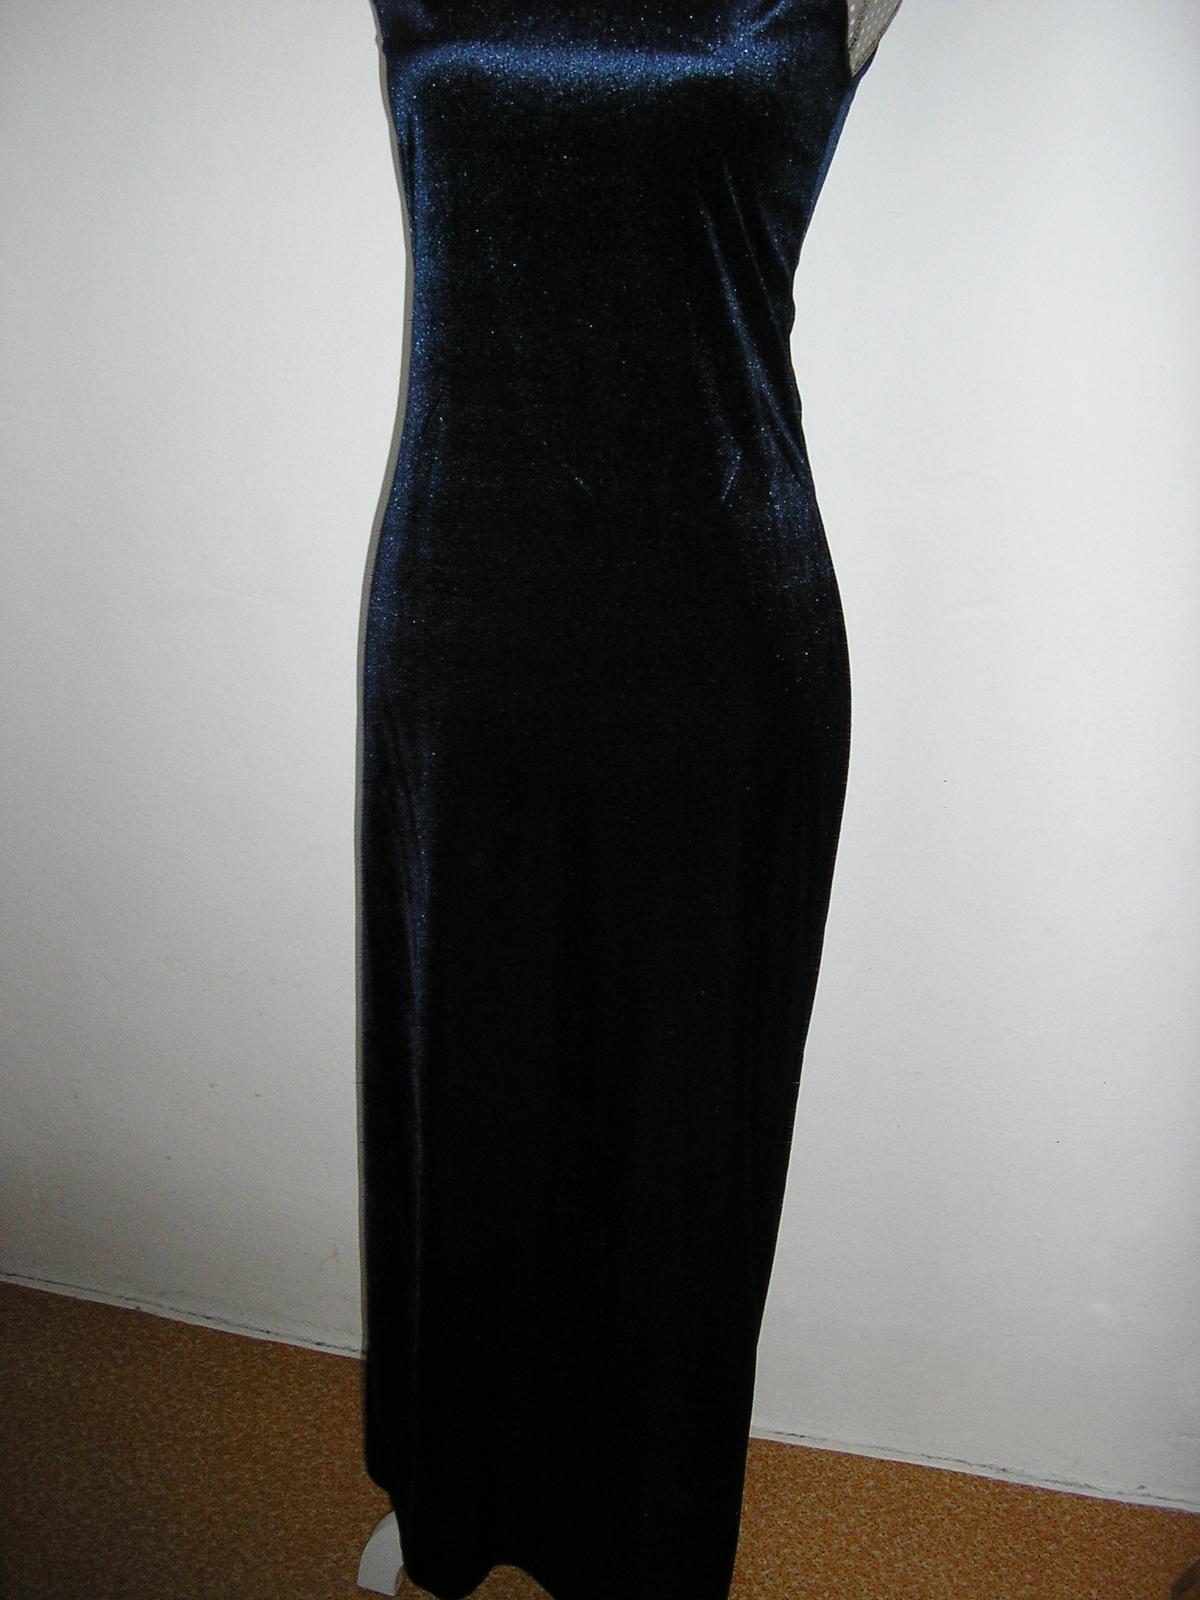 1257. Komplet dlhe šaty a vrch - Obrázok č. 2